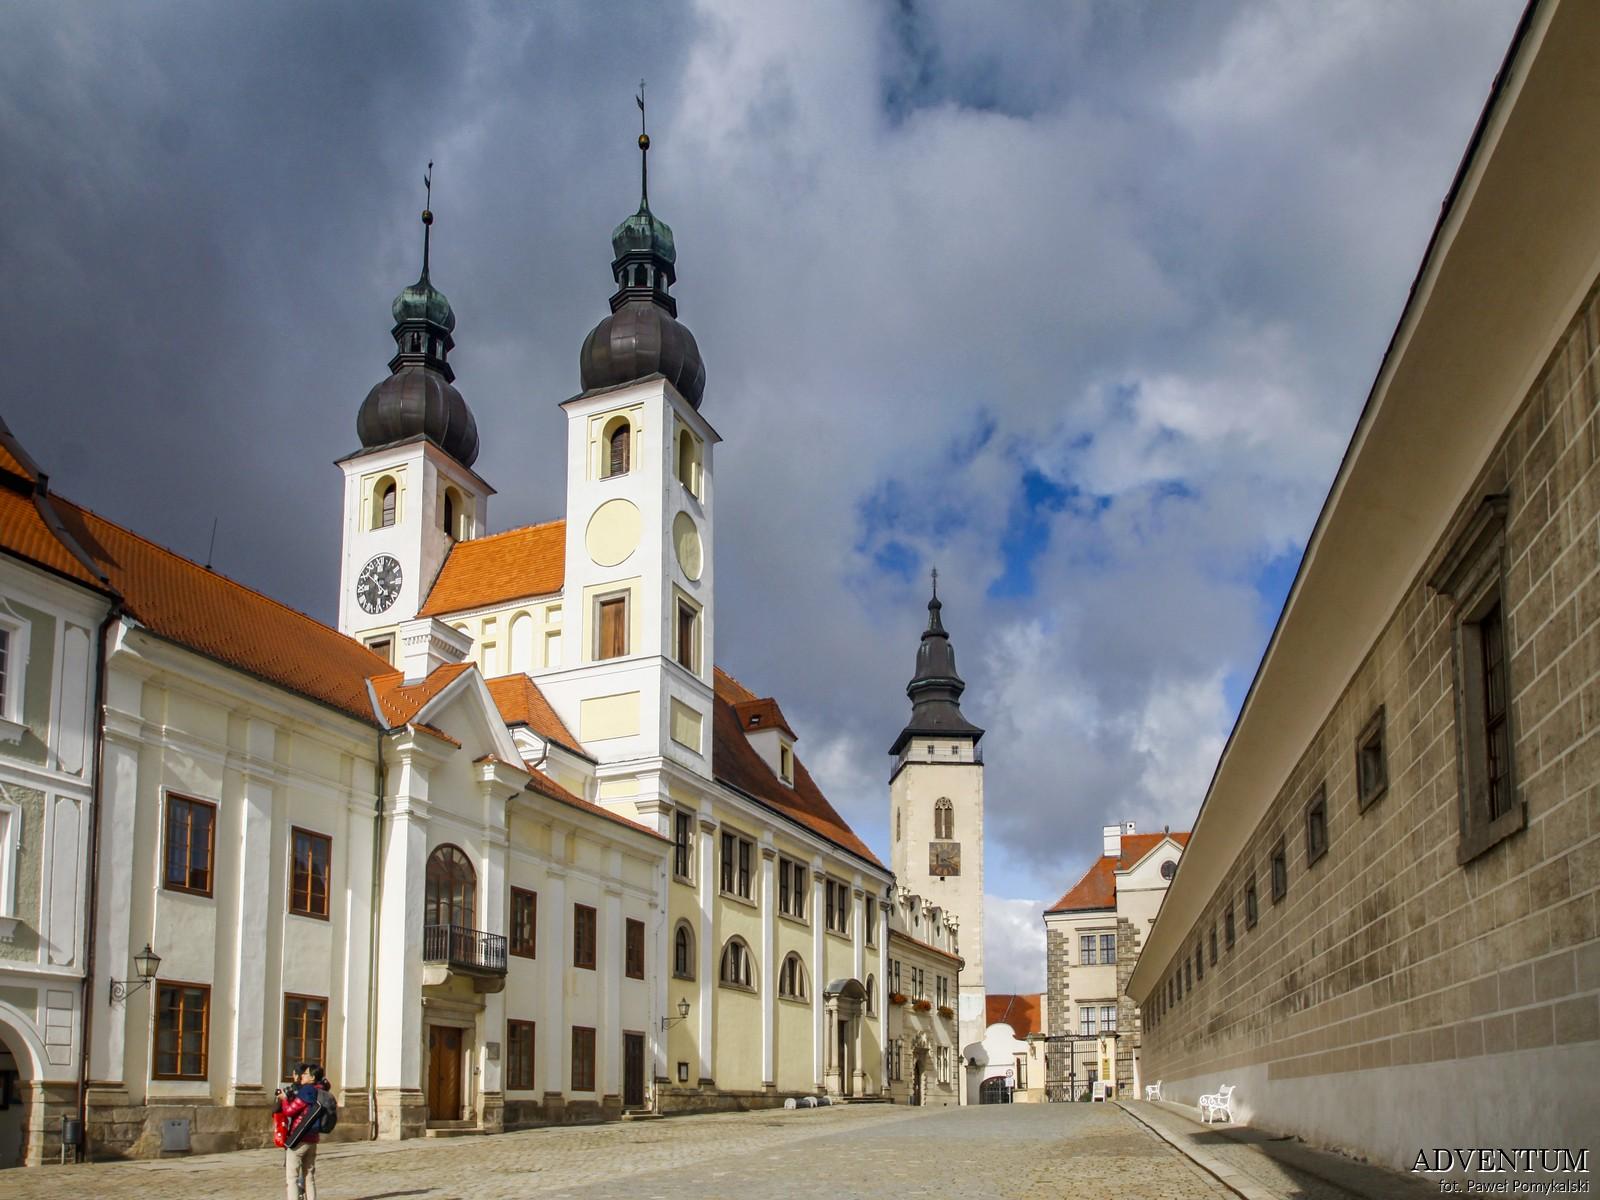 Telcz Telč czechy klasztor atrakcje zamek klasztor Unesco rynek zwiedzanie przewodnik